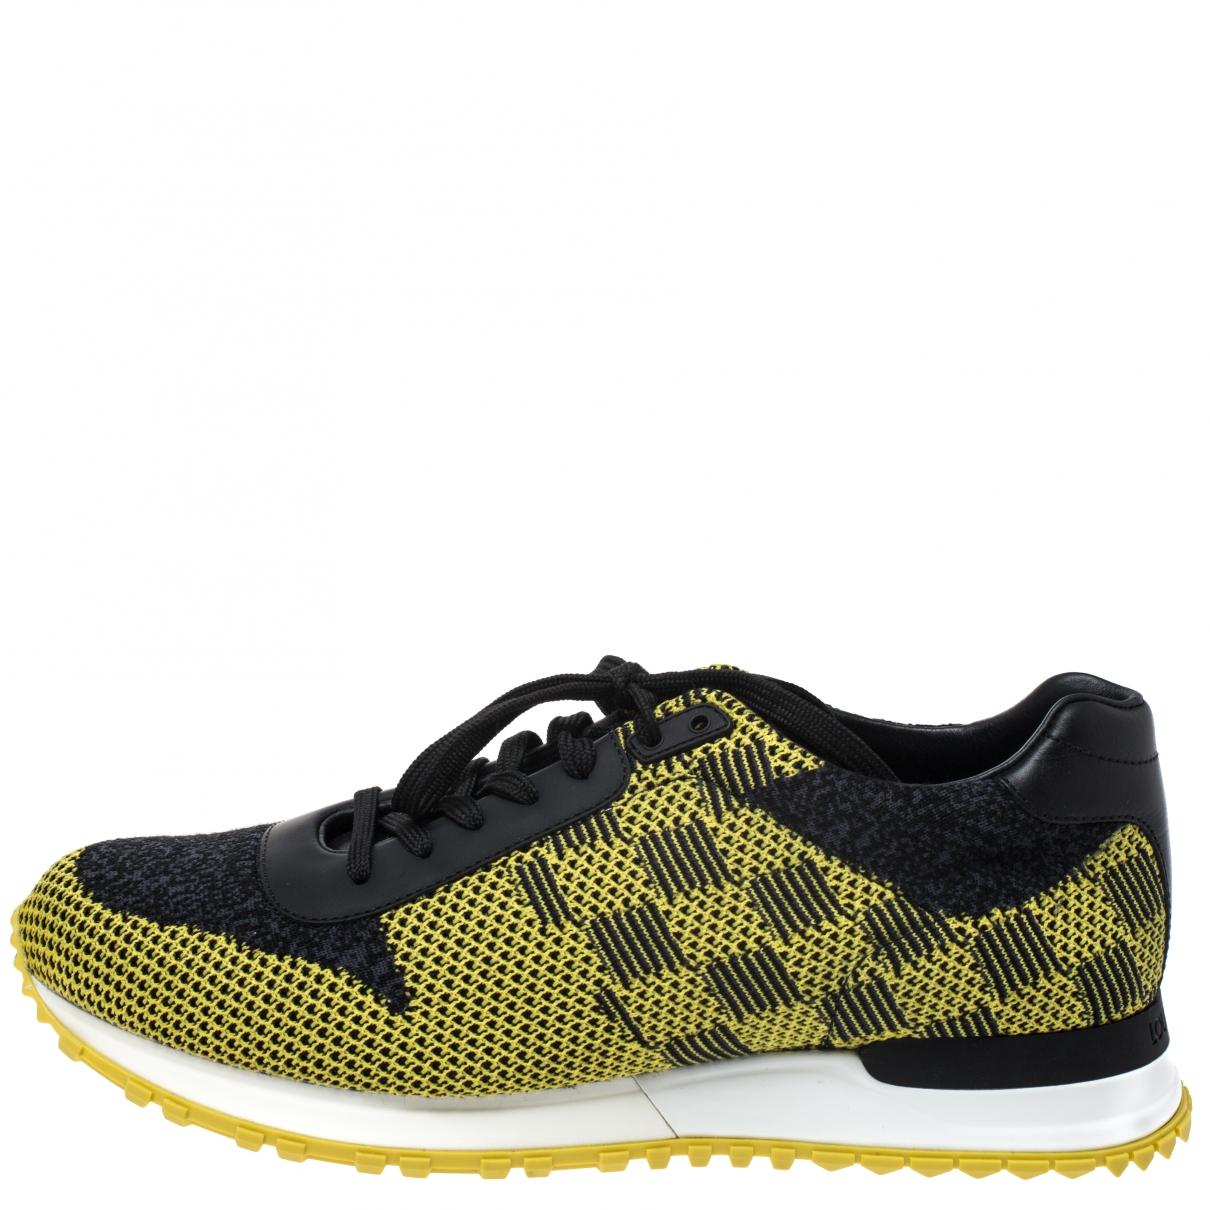 Louis Vuitton Run Away Sneakers in  Bunt Leder